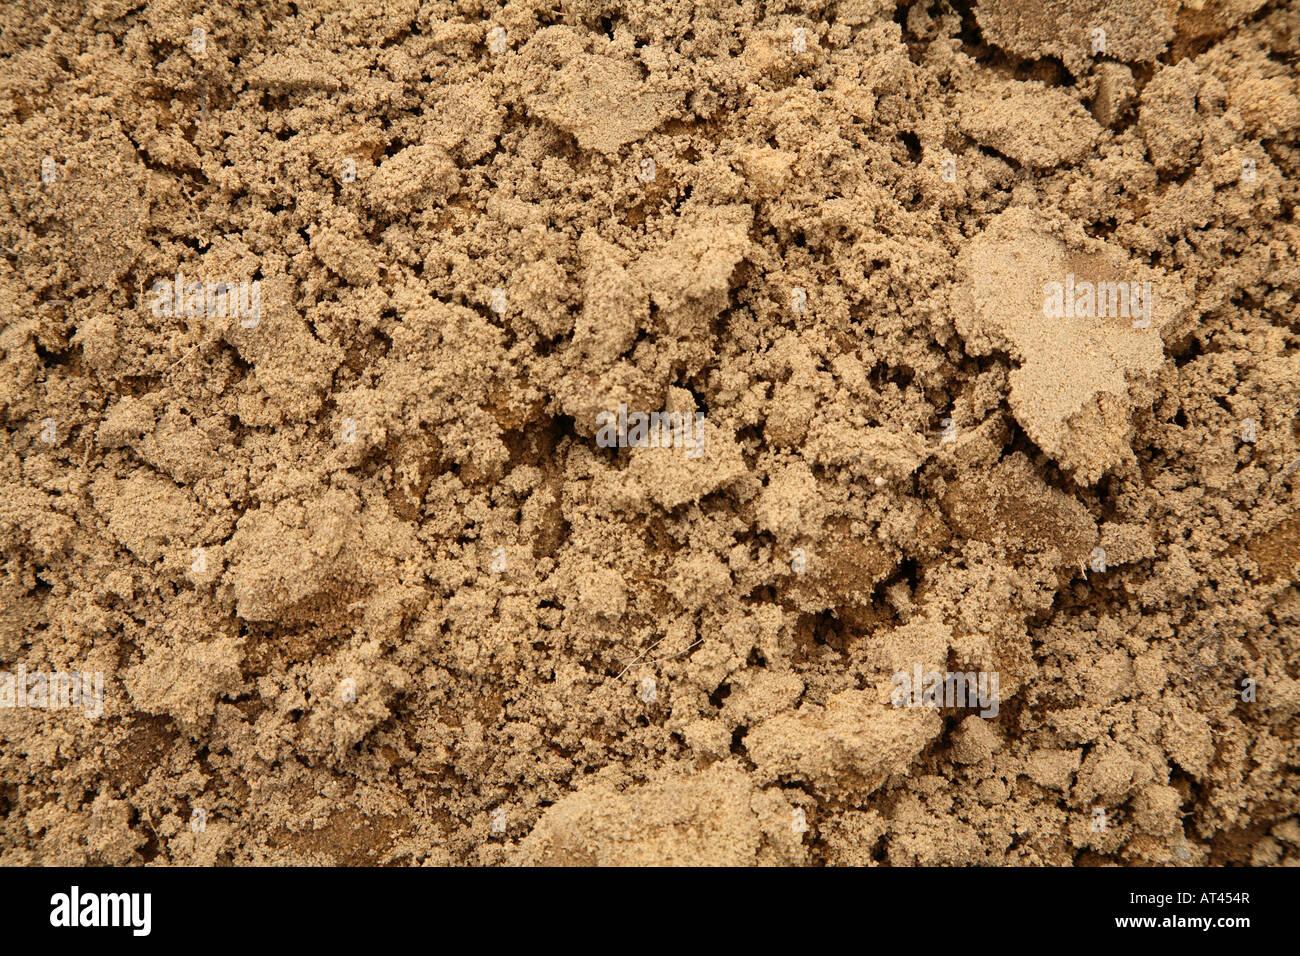 Braun sandigen lehmboden in kleineren klumpen und mehr for Boden englisch